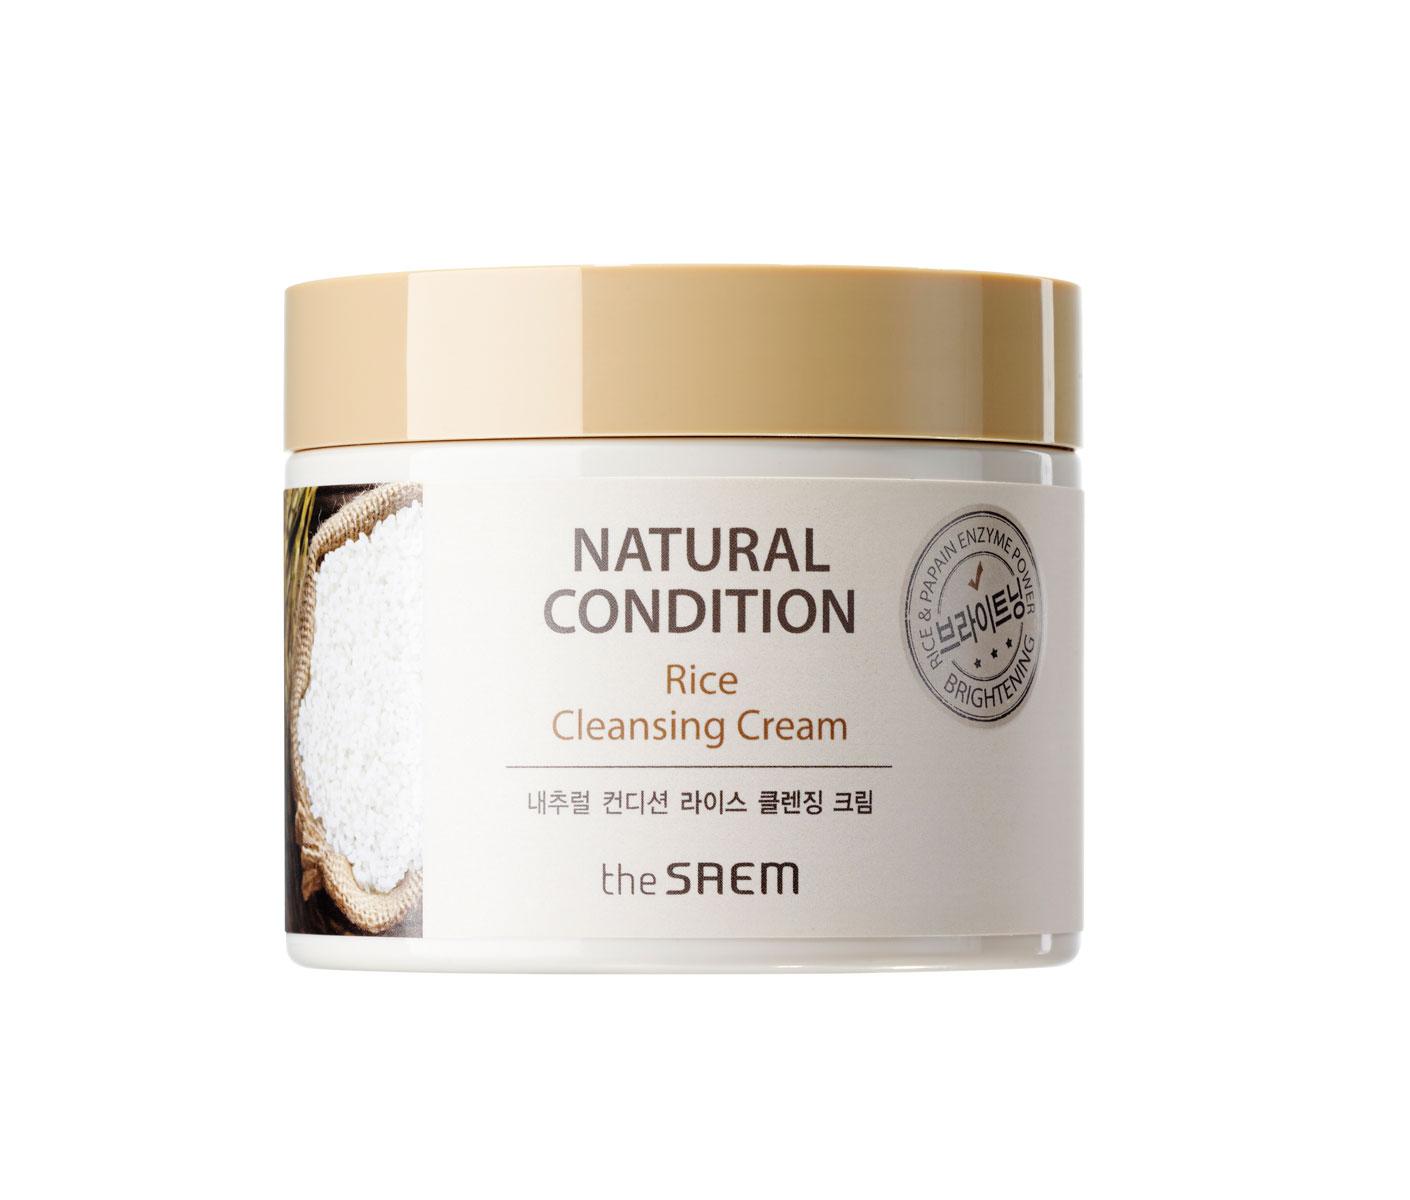 The Saem Крем очищающий рисовый Natural Condition Rice Cleansing Cream, 300 мл2105t_коричневыйОчищающее средство, создано для качественного удаления стойкого макияжа, а также восстанавливает кожу, насыщает её необходимым количеством влаги, активно питает, кожа вновь становится мягкой и гладкой, эластичной, шелковистой. Главный компонент данного крема – Rice (рис) – осветляет кожу, питает её, поддерживает жизненные силы, абсорбирует кожный жир, устраняет жирный блеск.Быстро и легко проникает в клетки кожи, благодаря текучей, тающей текстуре, удаляет загрязнения, очищает поры. В составе средства отсутствуют парабены, тальк, смолы, сульфаты, бензофенон, триэтаноламин, пропиленгликоль.Объем: 300мл